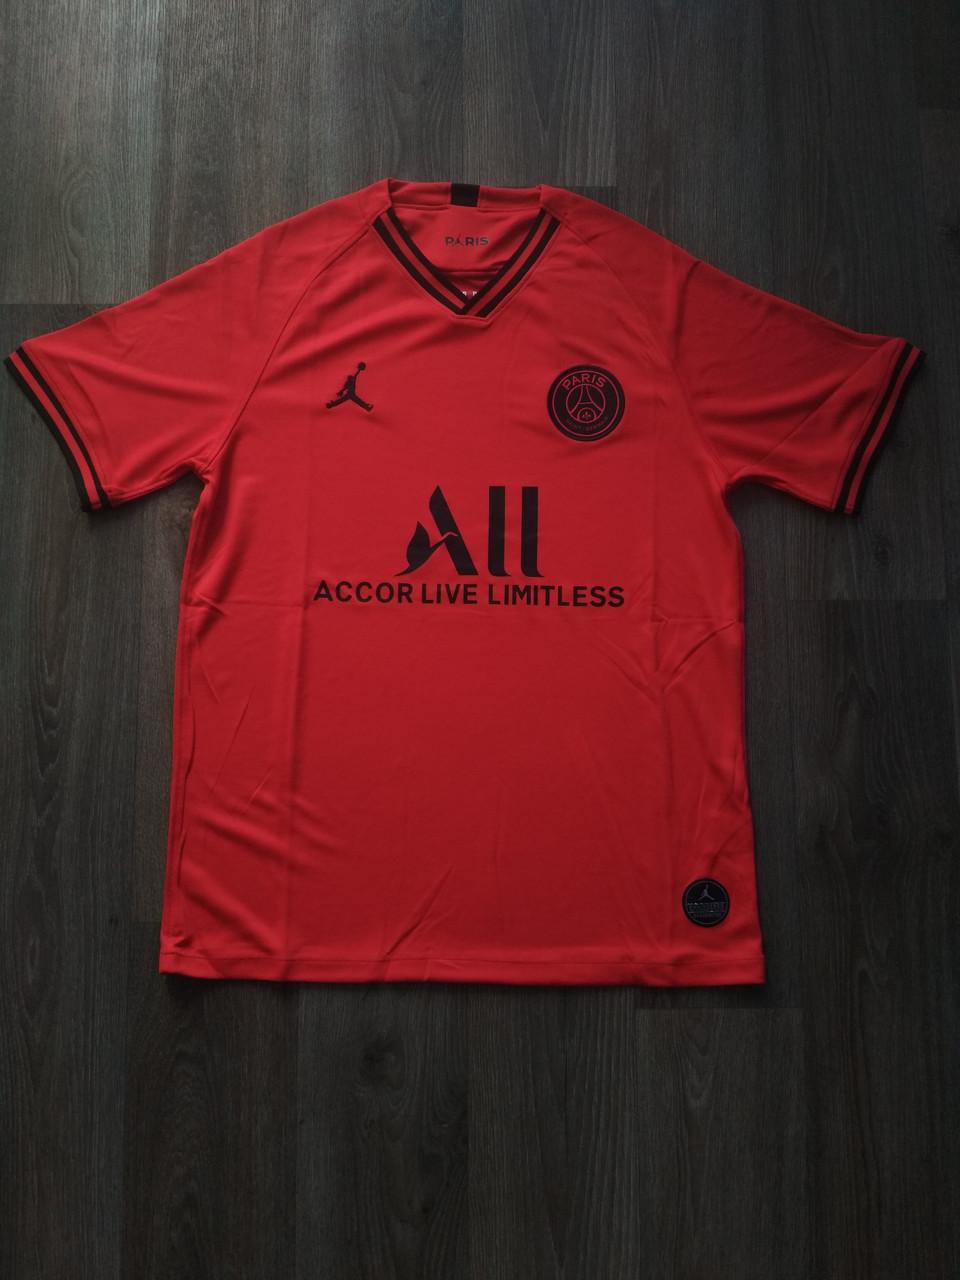 Тренировочная футболка игровая ПСЖ/PSG ( Франция, Лига 1 ), красная, сезон 2019-2020